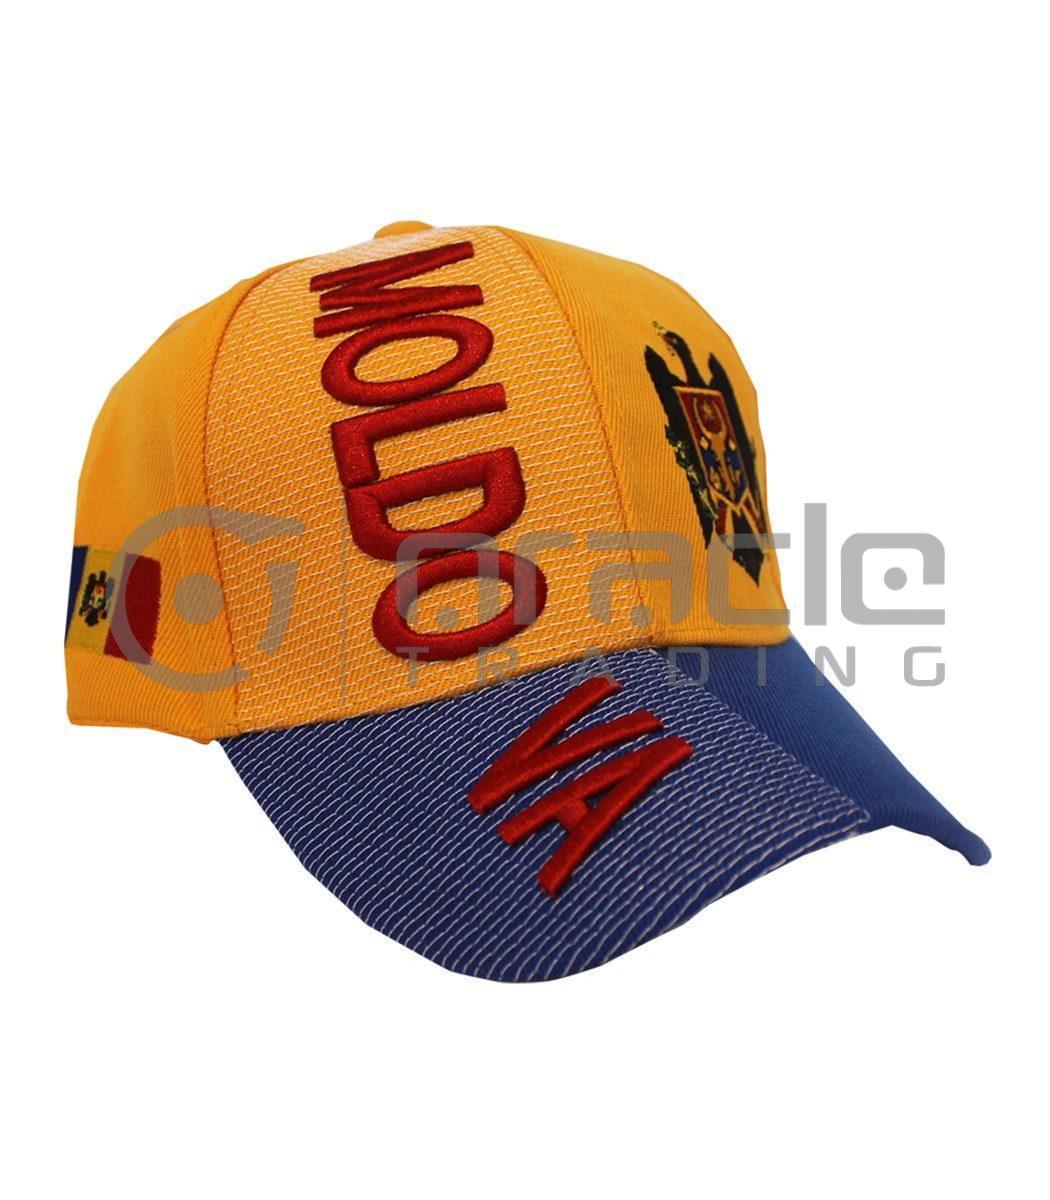 3D Moldova Hat